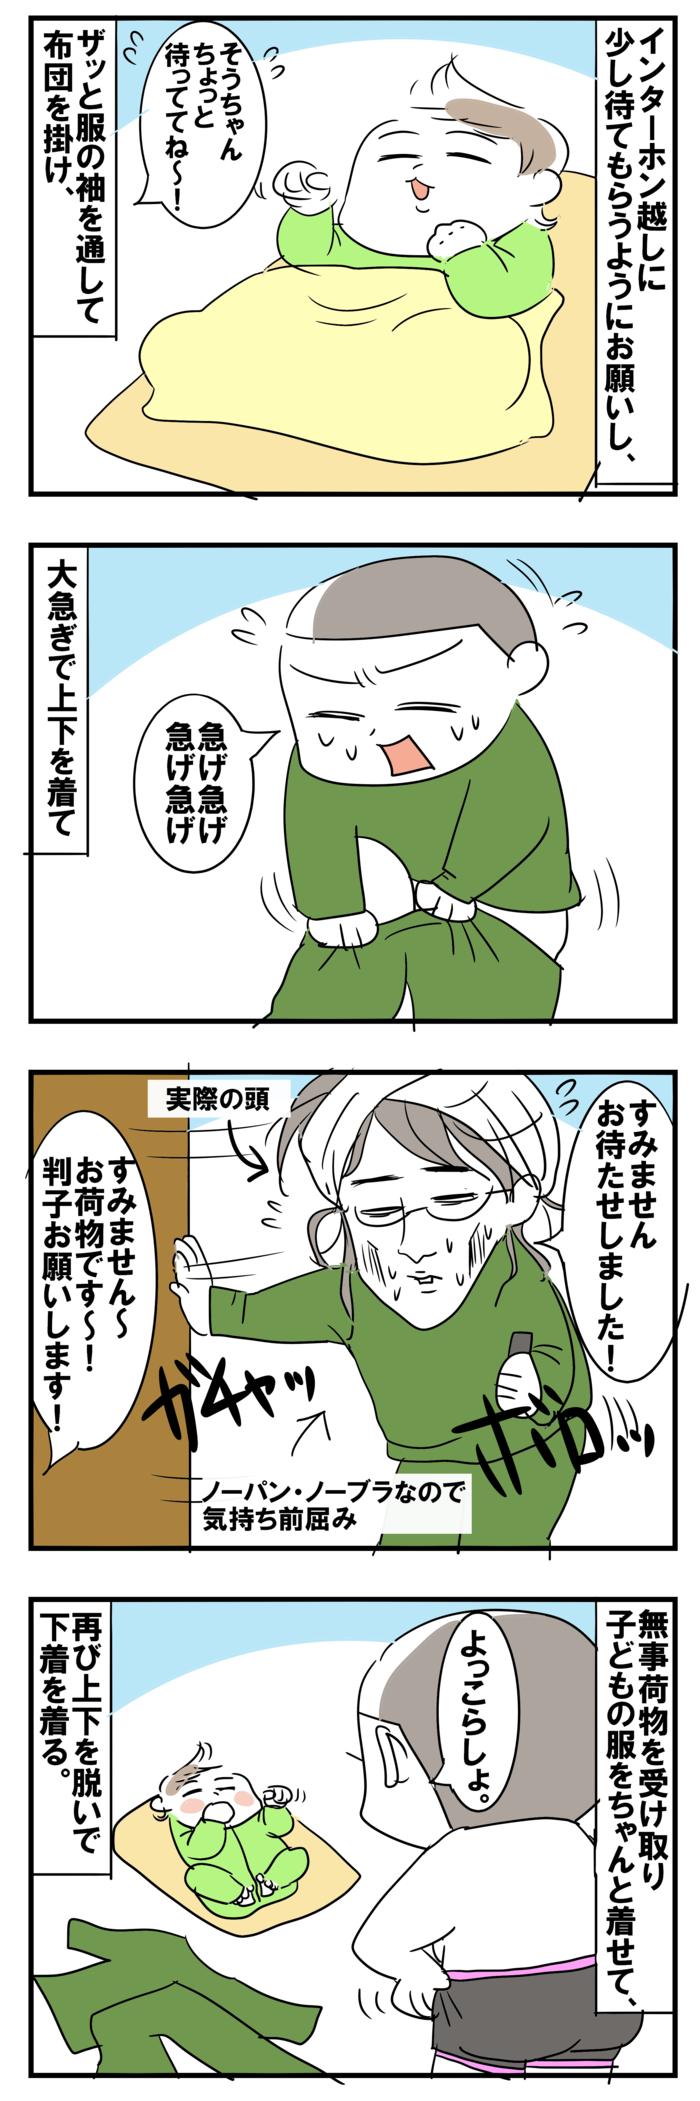 """「なぜこのタイミング…?!」お風呂上がりの""""出来事""""にプチパニック!の画像2"""